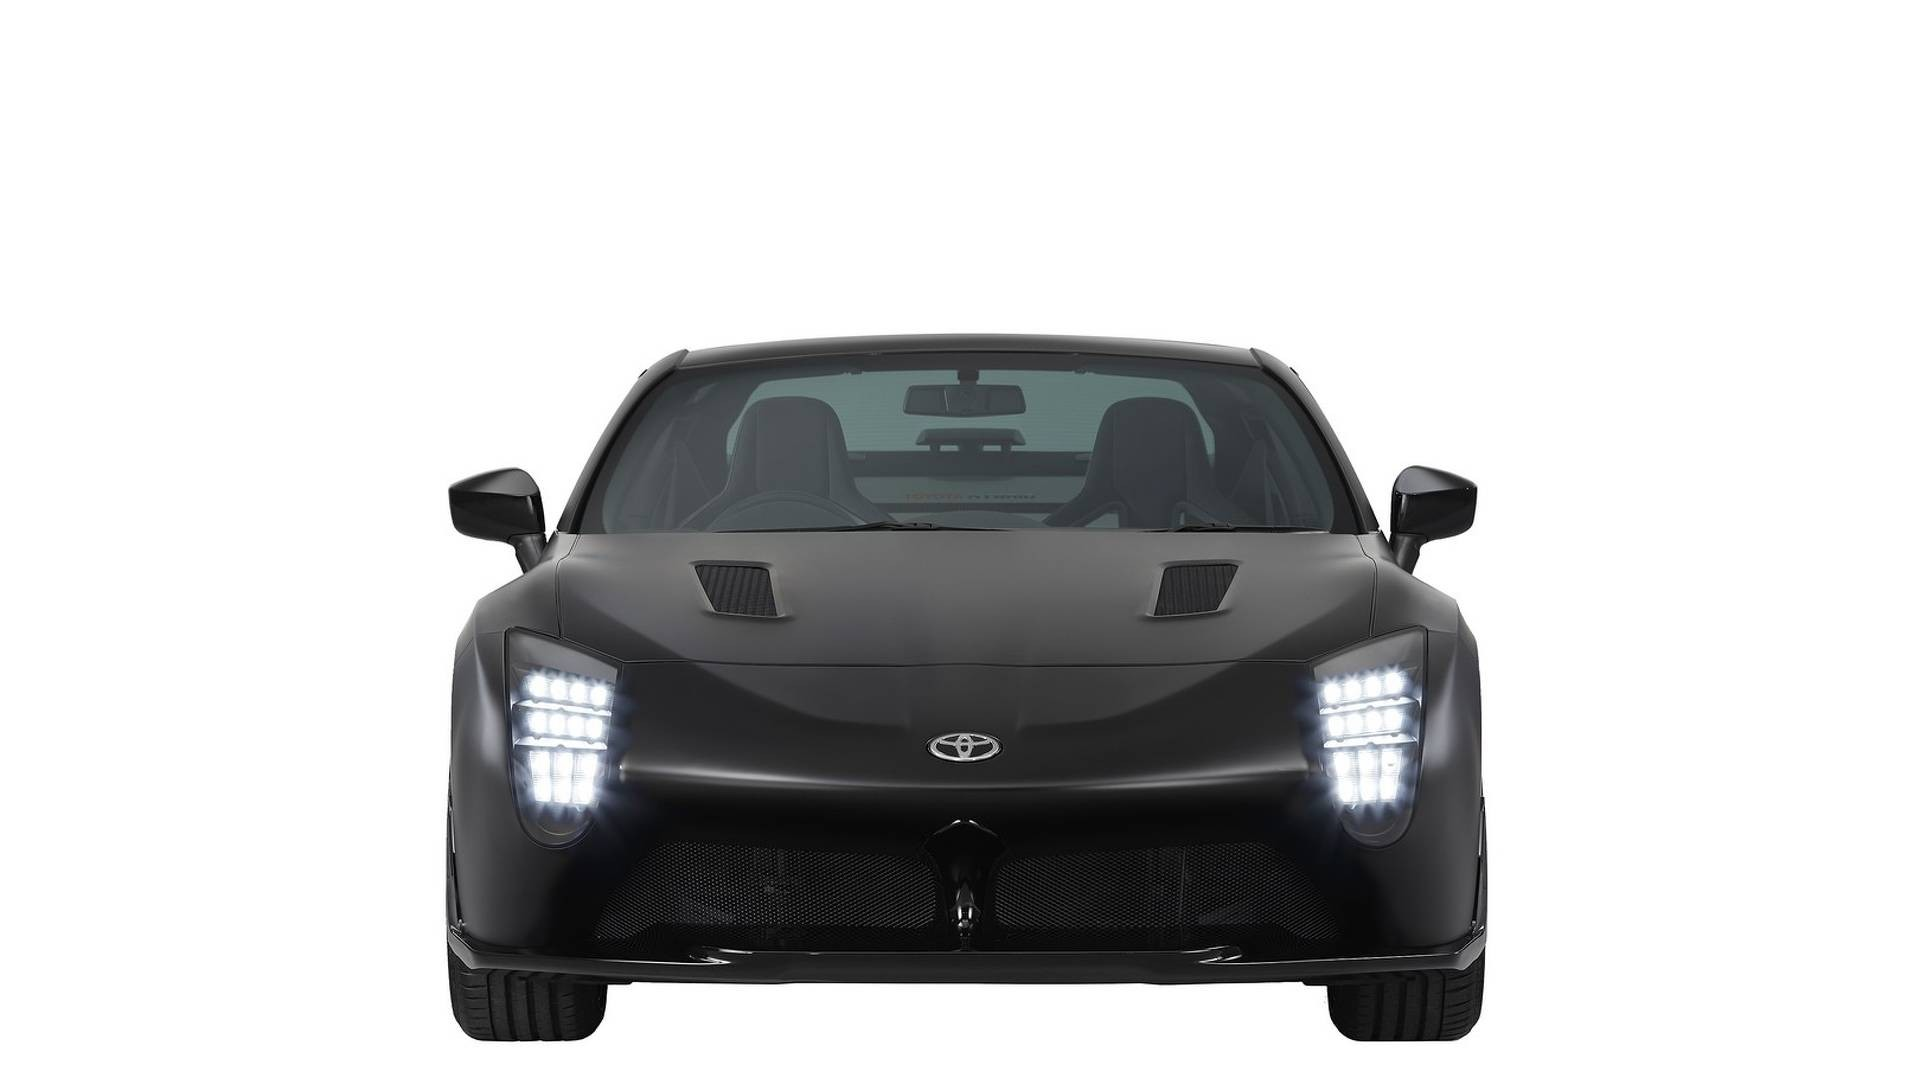 Тойота разработала новый концептуальный автомобиль набазе GT86